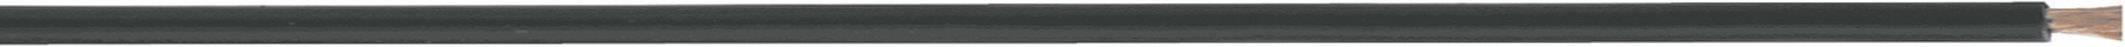 Merací vodič LappKabel 4560023S LiFY, 1 x 1 mm², vonkajší Ø 2.90 mm, metrový tovar, čierna